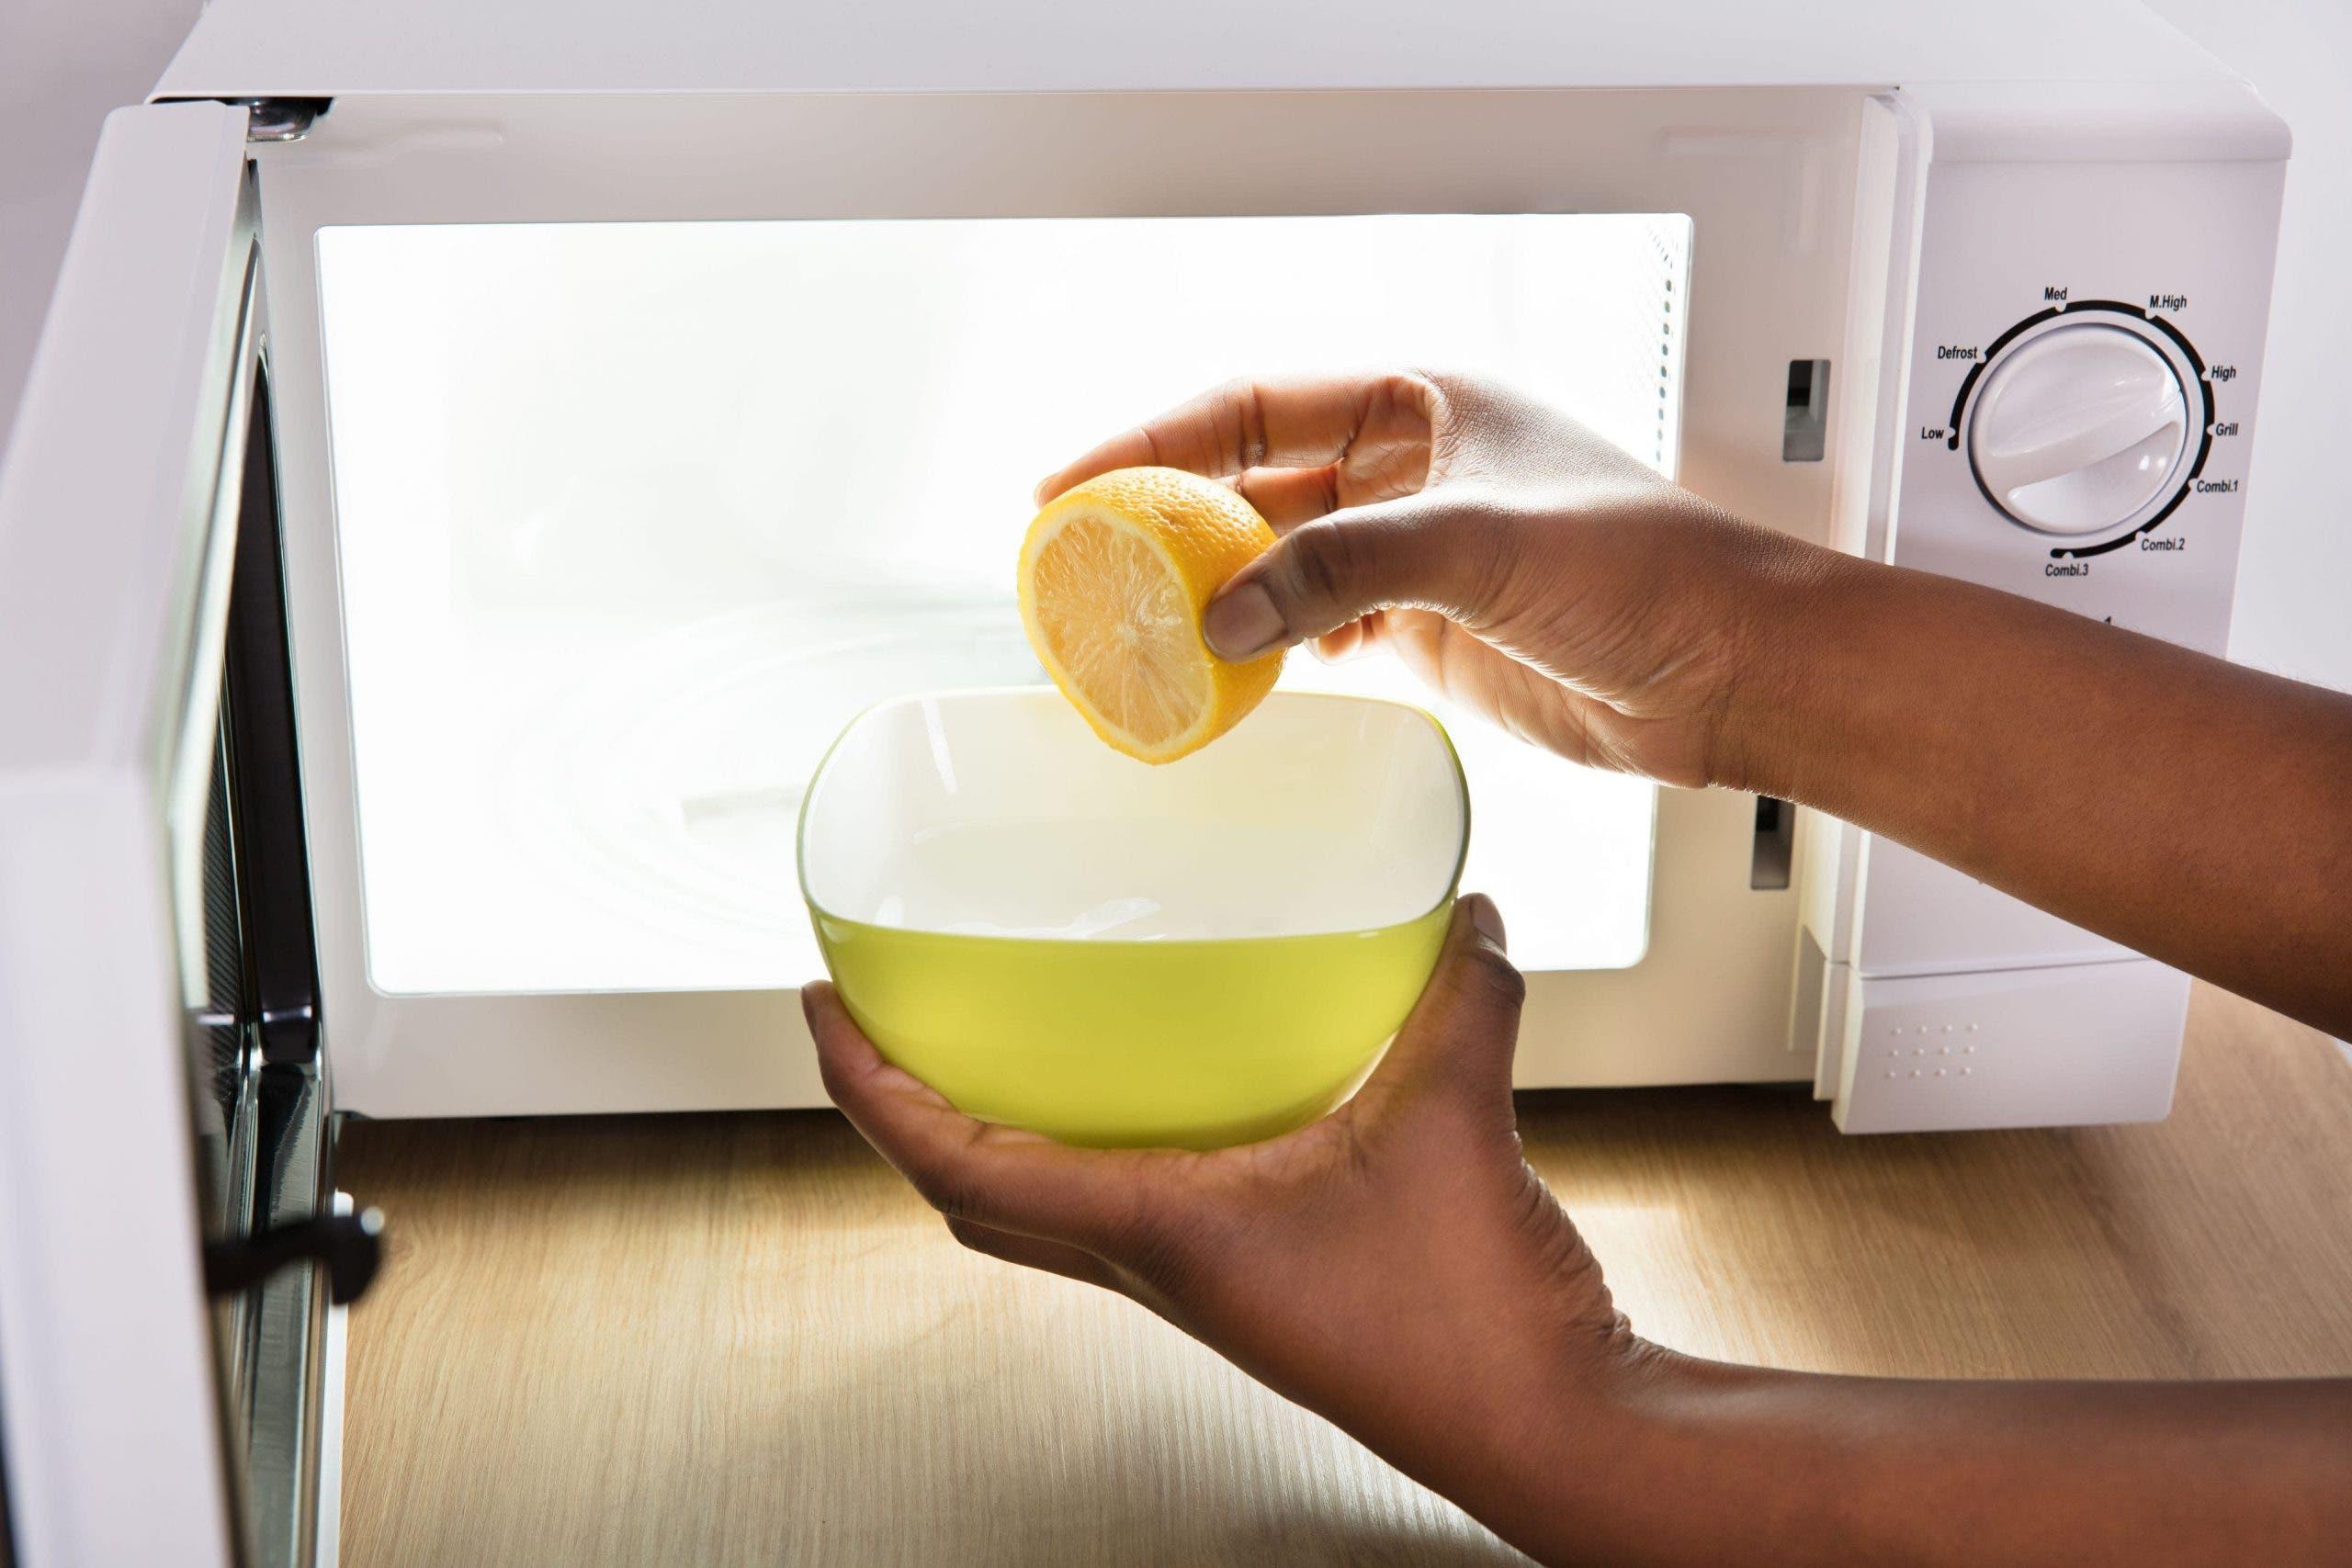 Vous n'avez besoin que d'un seul citron pour nettoyer parfaitement votre four micro-ondes